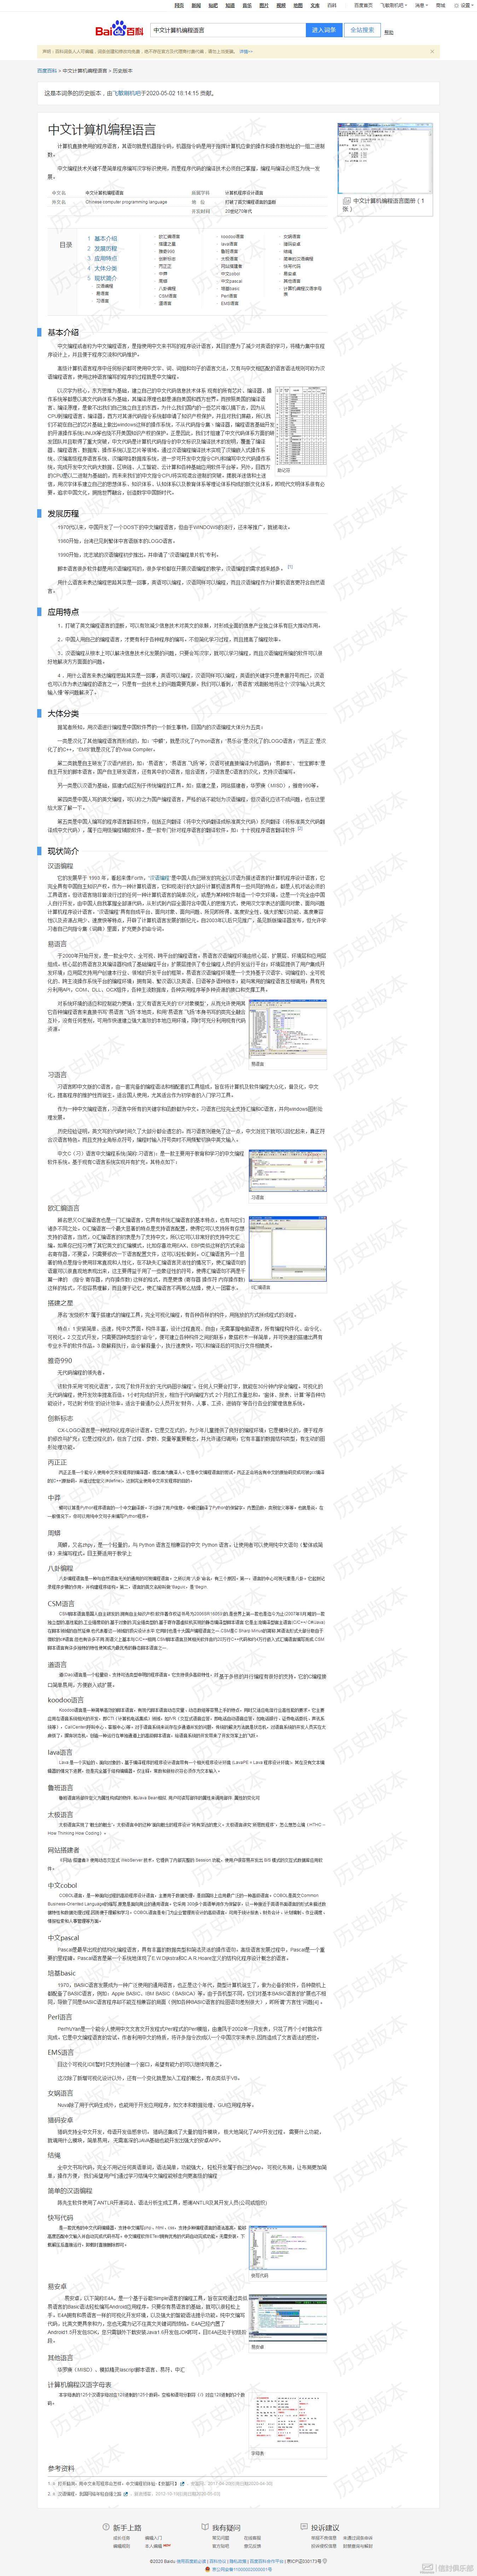 中文计算机编程语言_百度百科.png